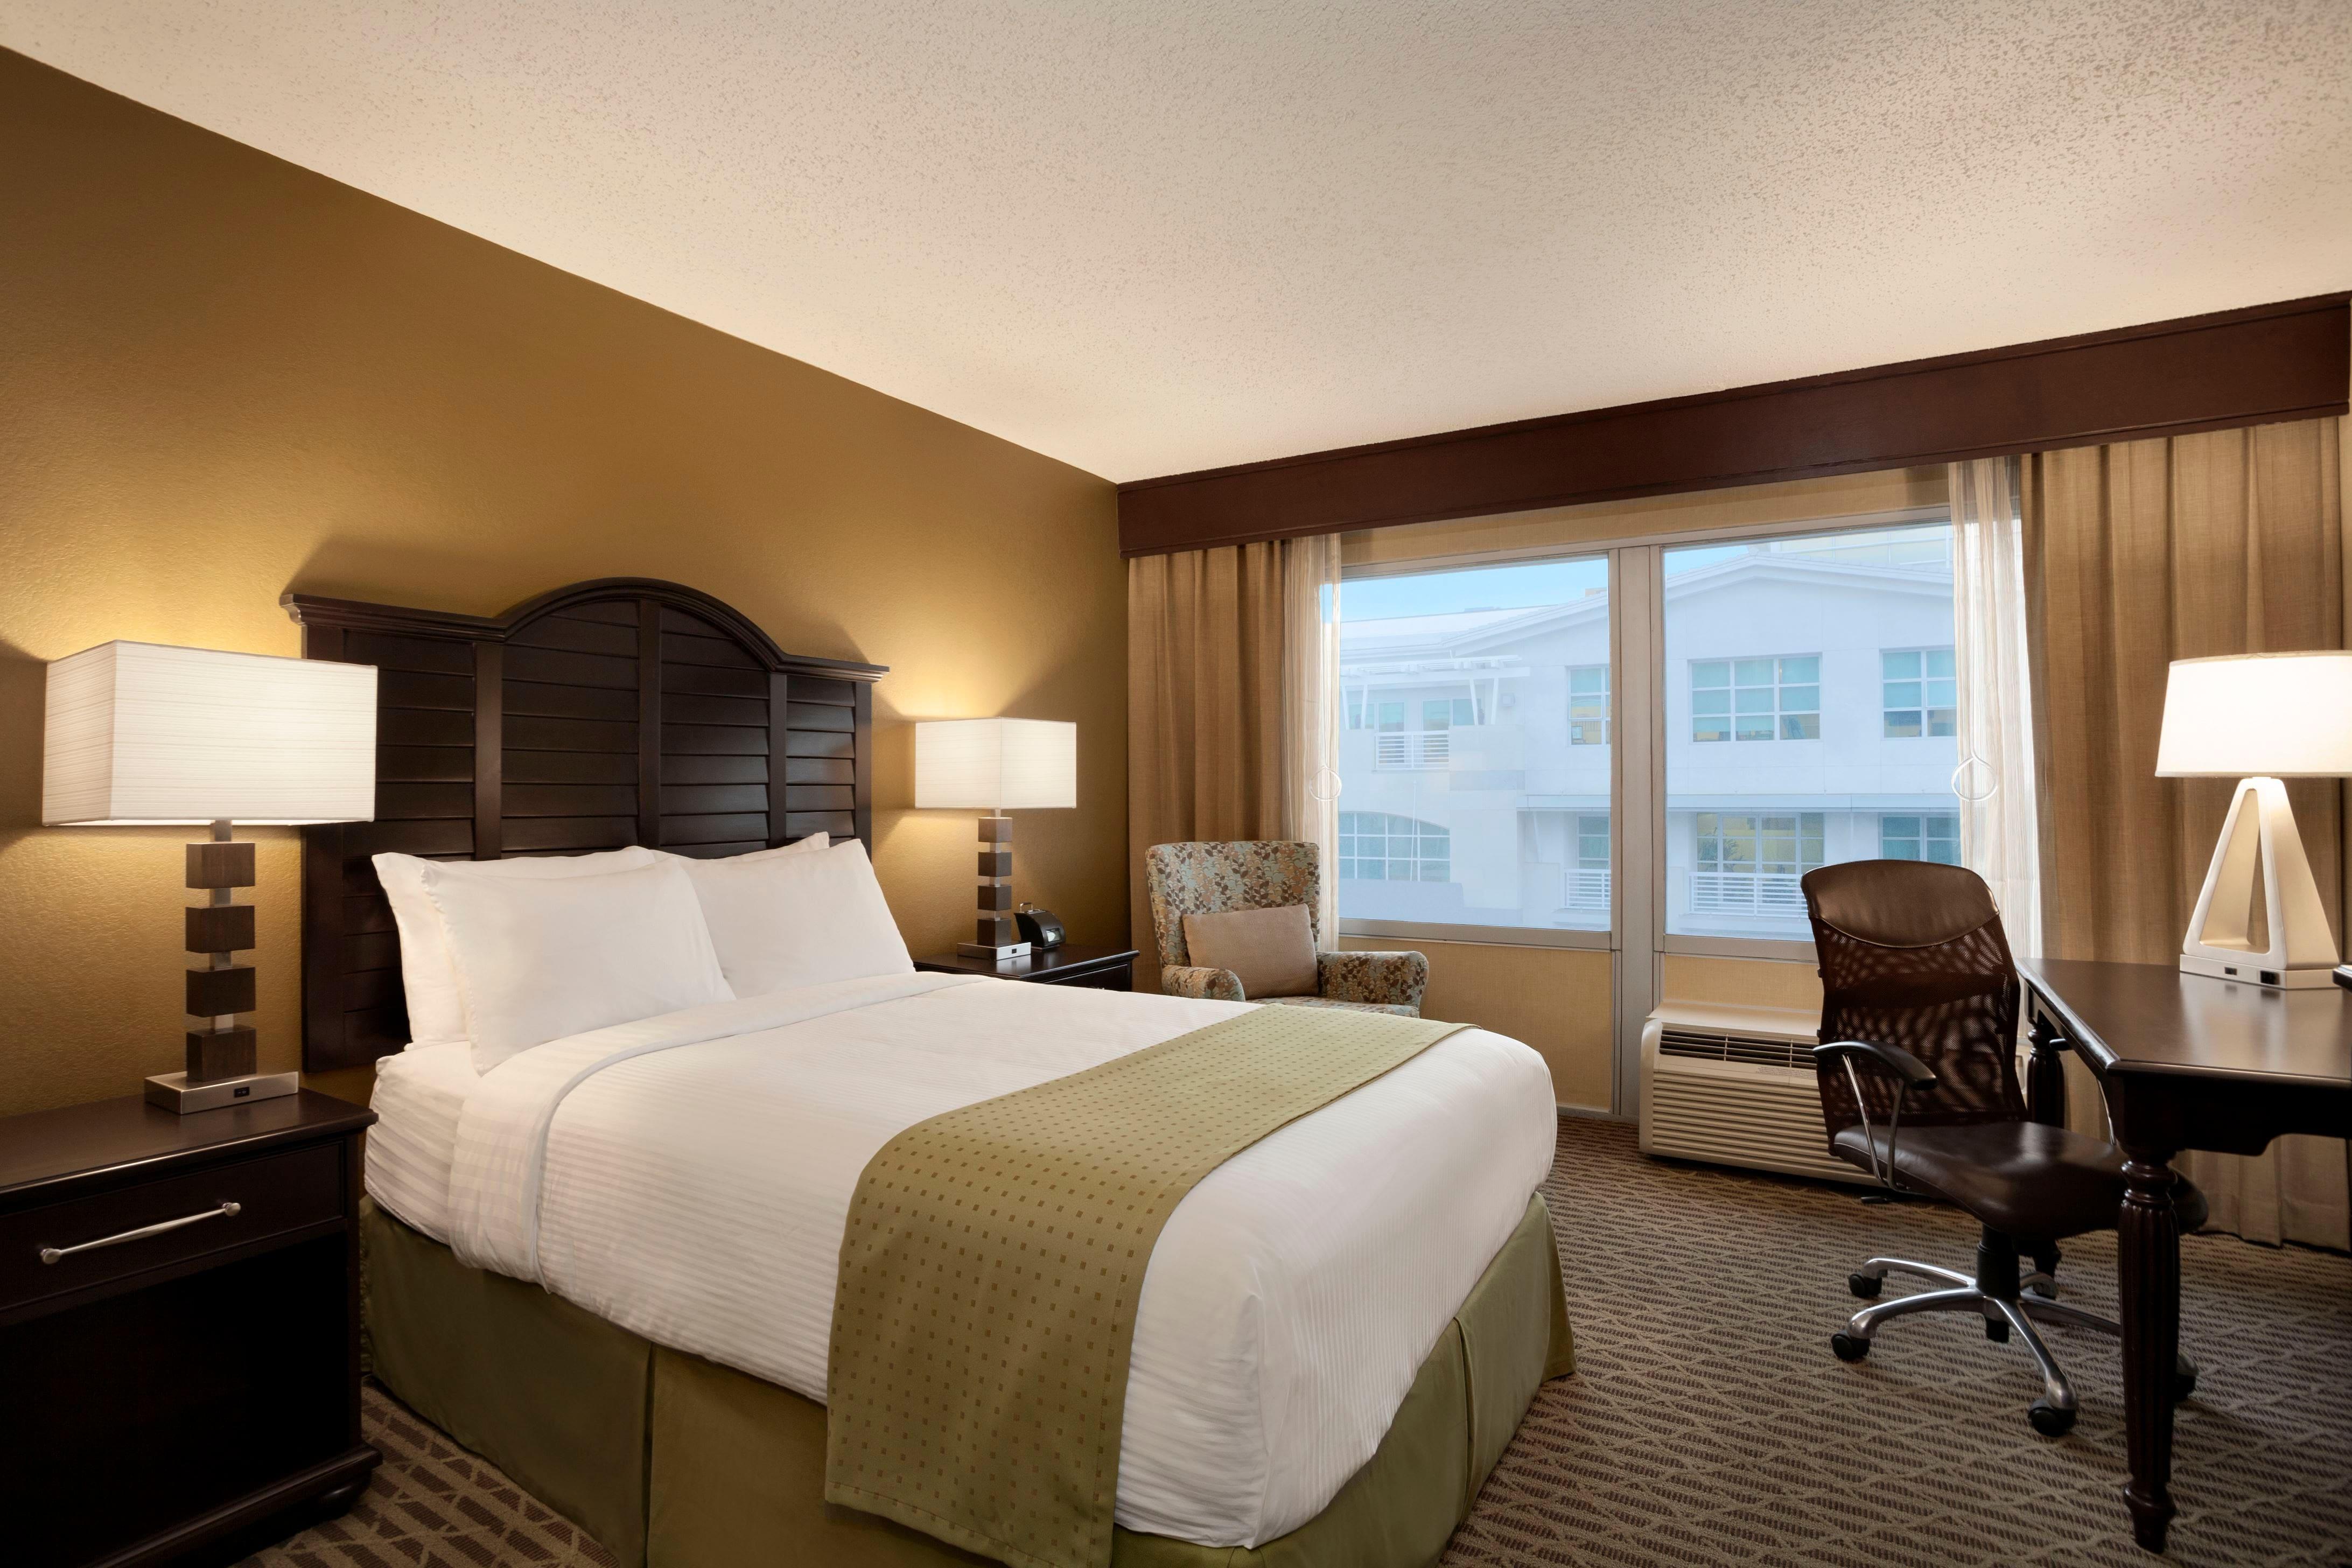 Santa monica hotel sexy rooms